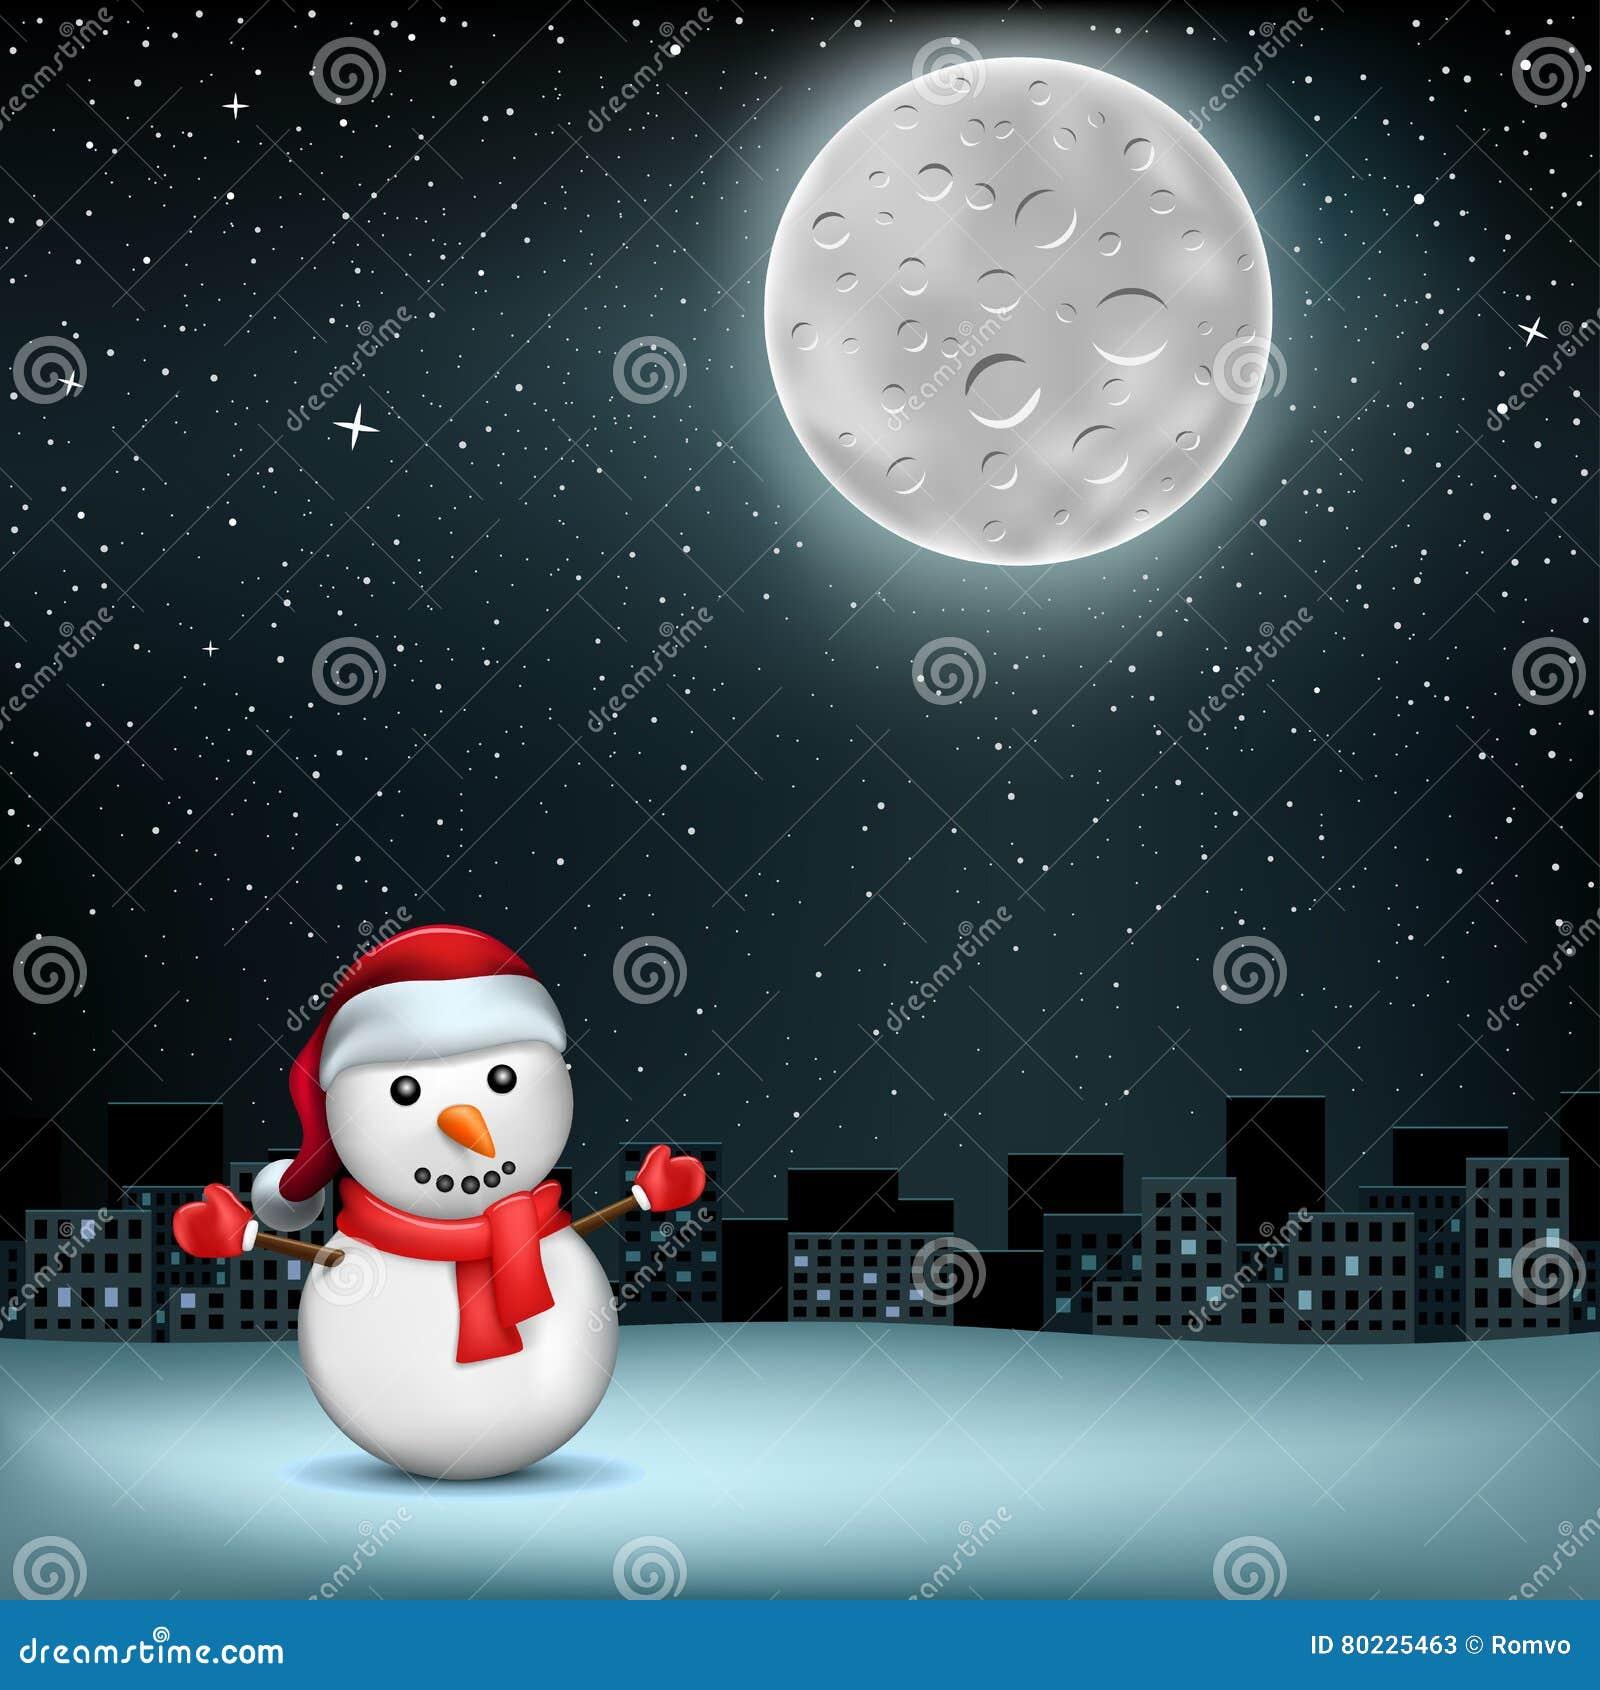 De sneeuwman speelt sity maan mee